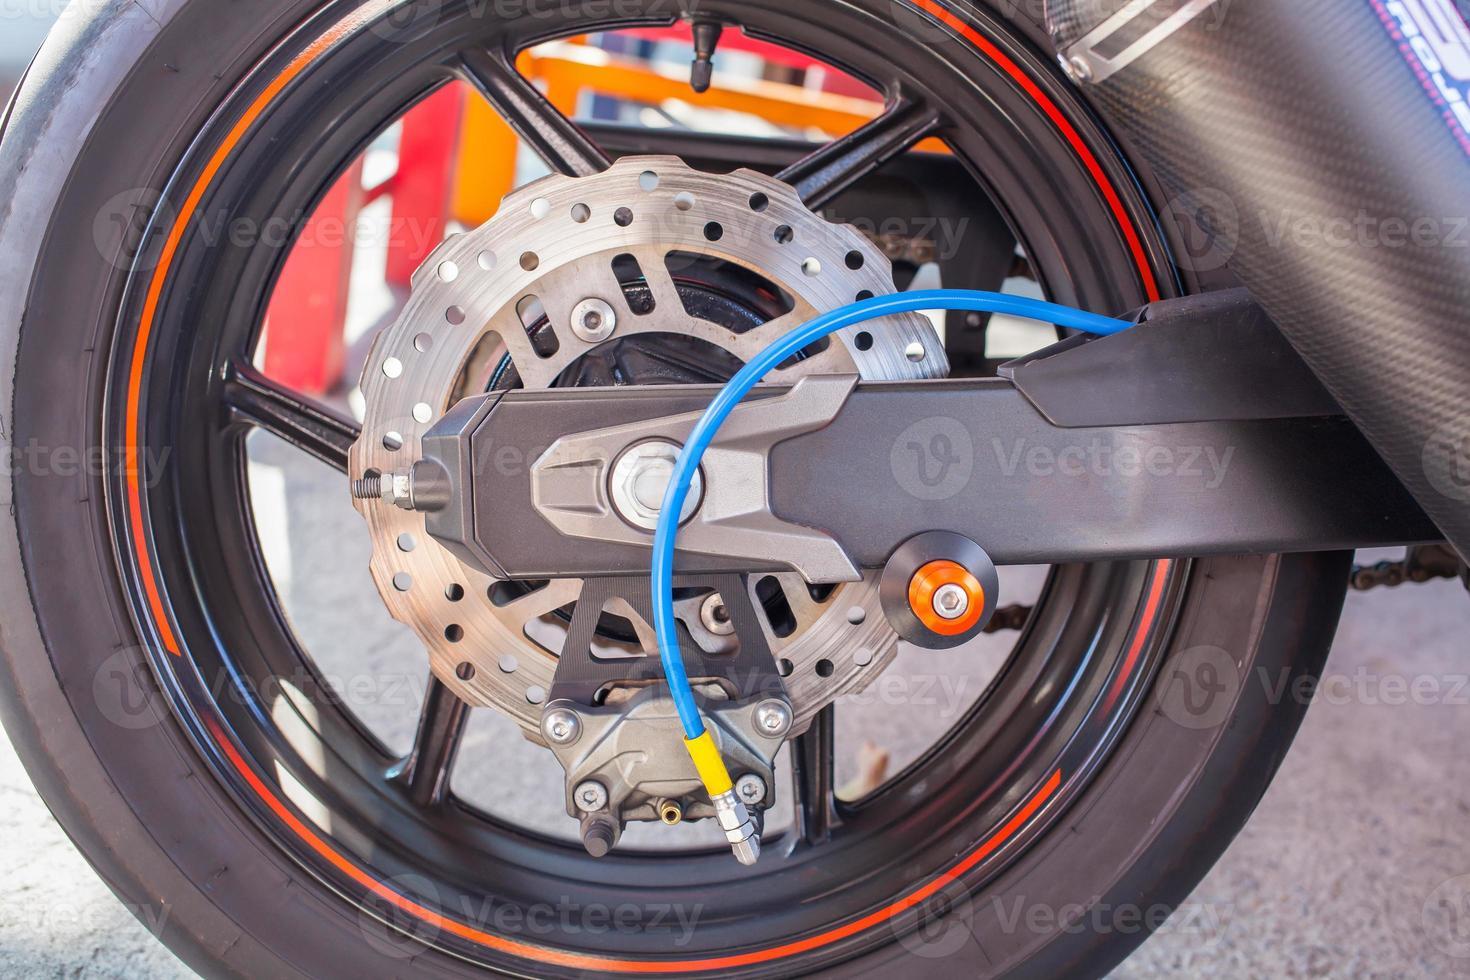 rueda trasera de la motocicleta foto